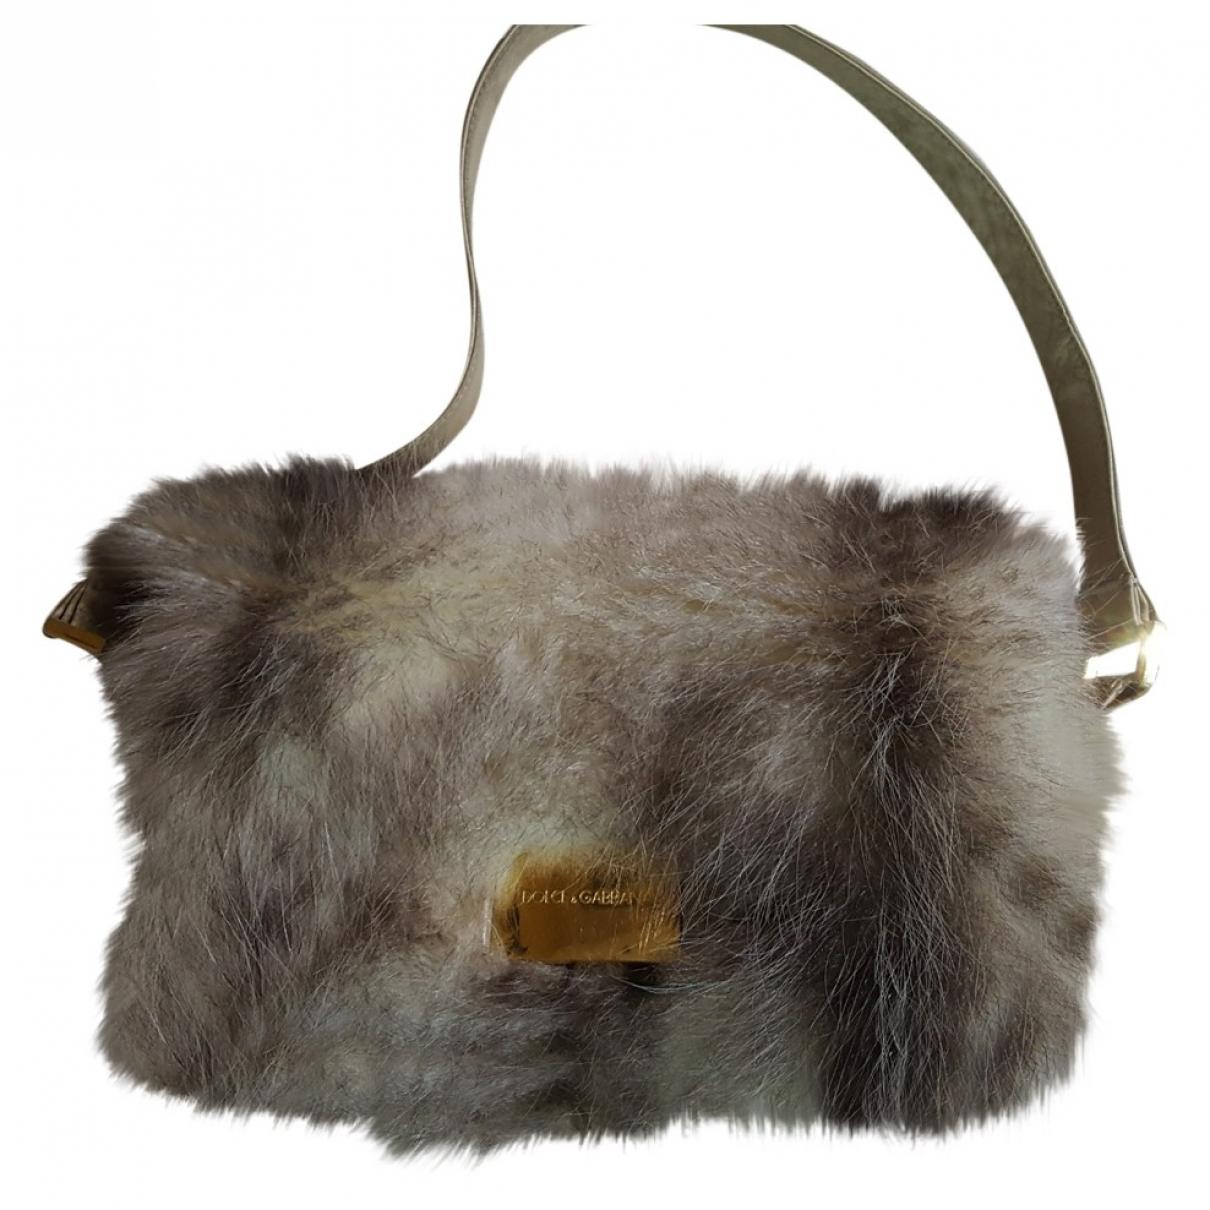 Dolce & Gabbana \N Handtasche in  Beige Nerz